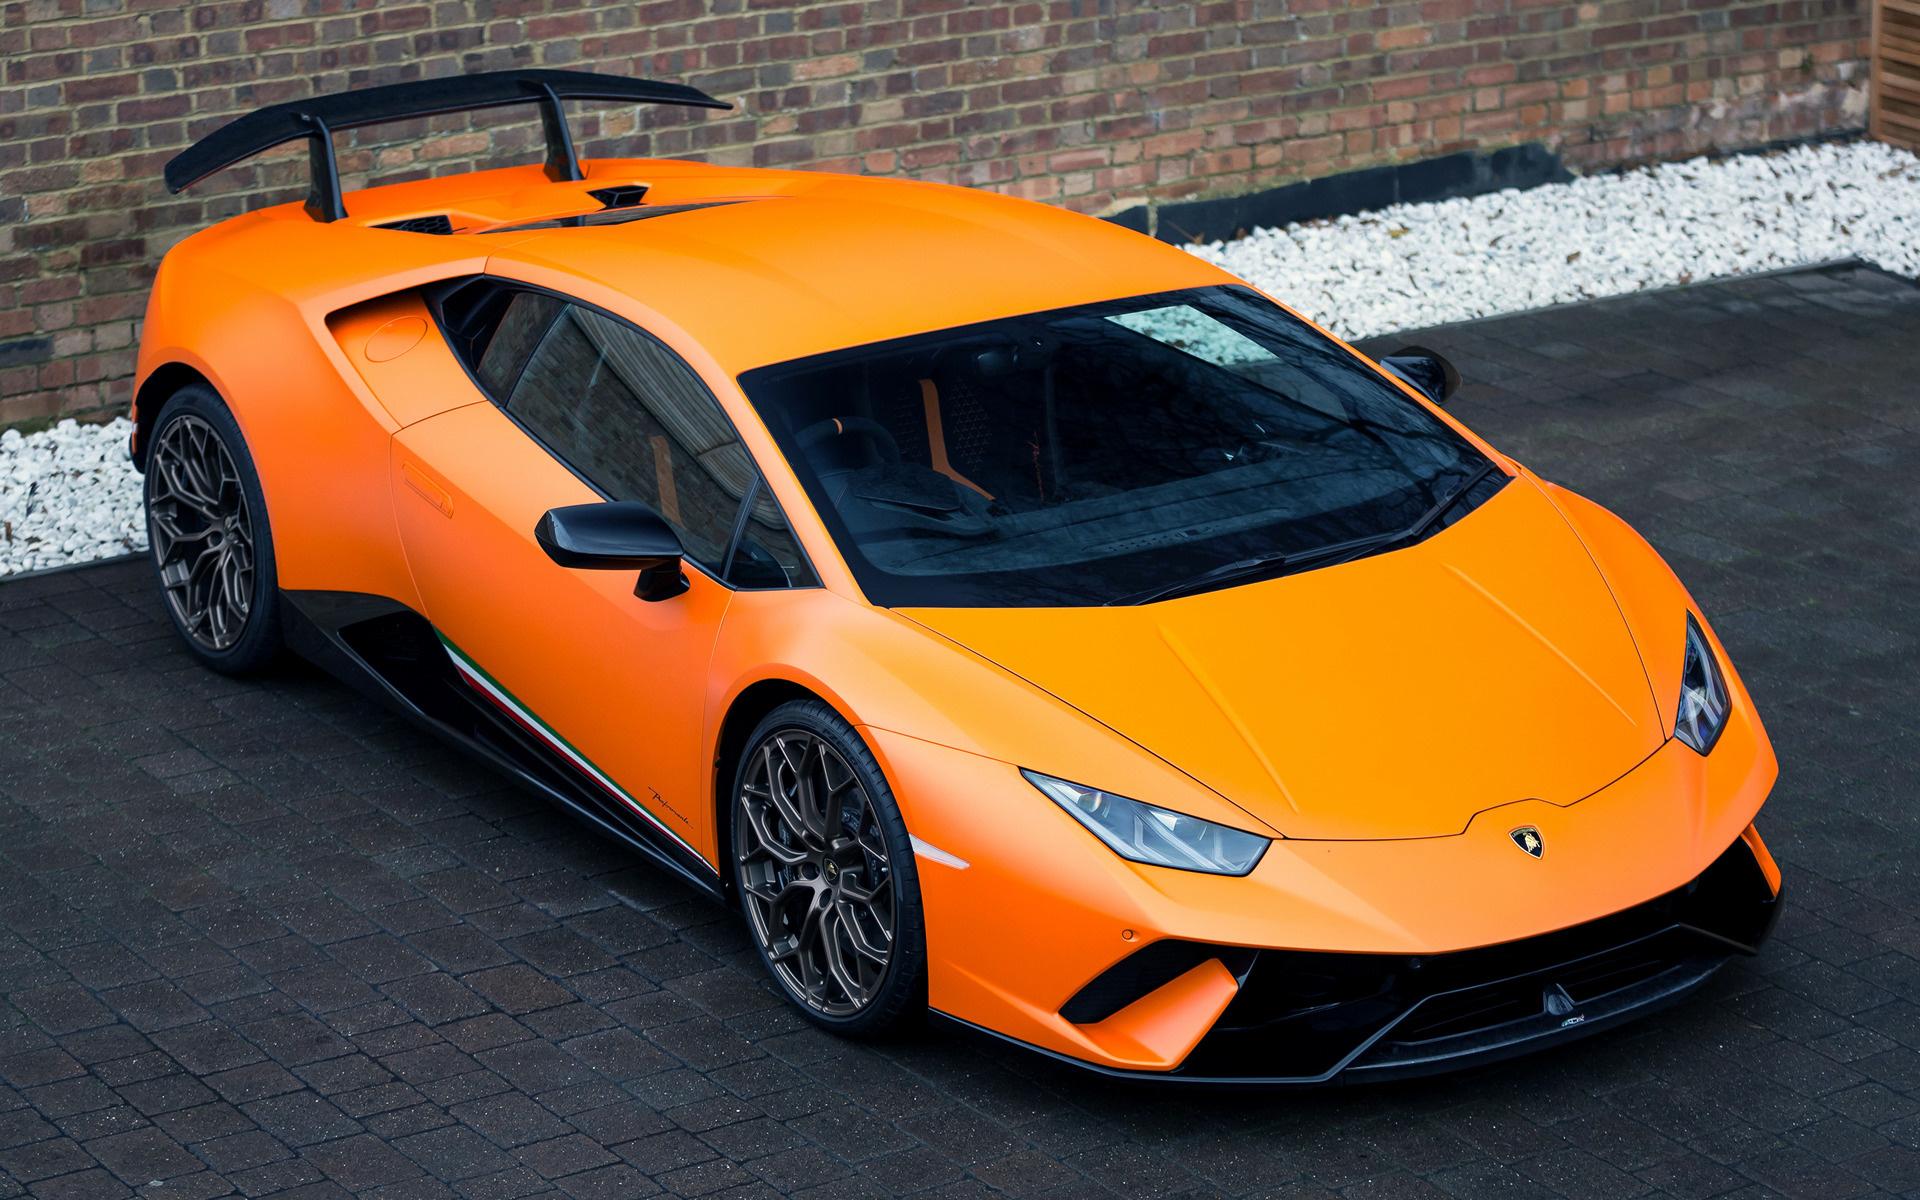 Mclaren 2015 F1 Car Wallpaper 2017 Lamborghini Huracan Performante Uk Wallpapers And